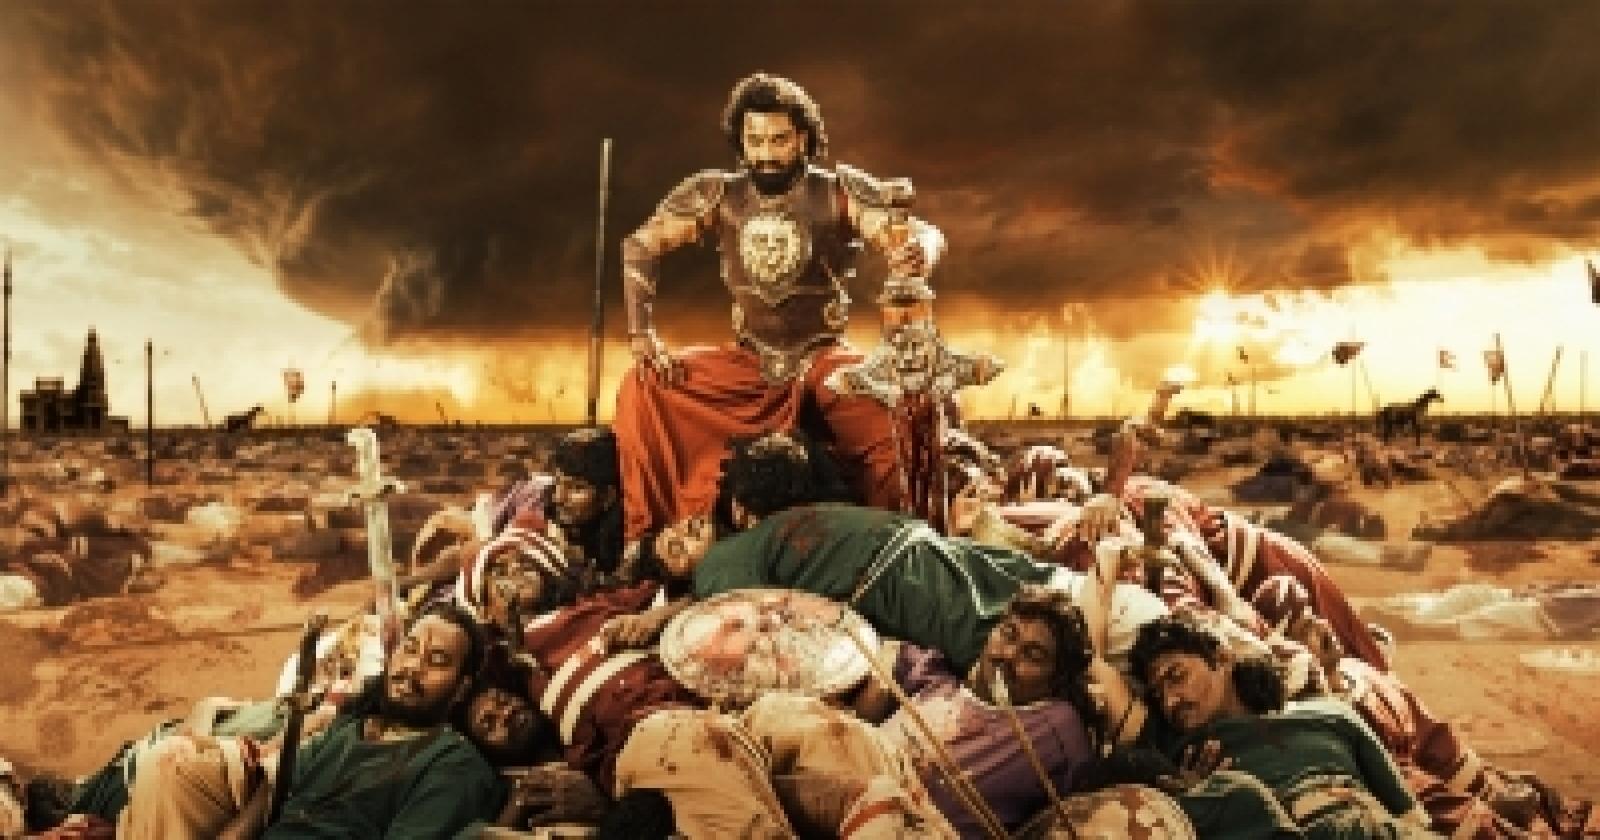 Nandamuri Kalyan Ram Reveals First Look Of His Next Film 'bimbisara'-TeluguStop.com